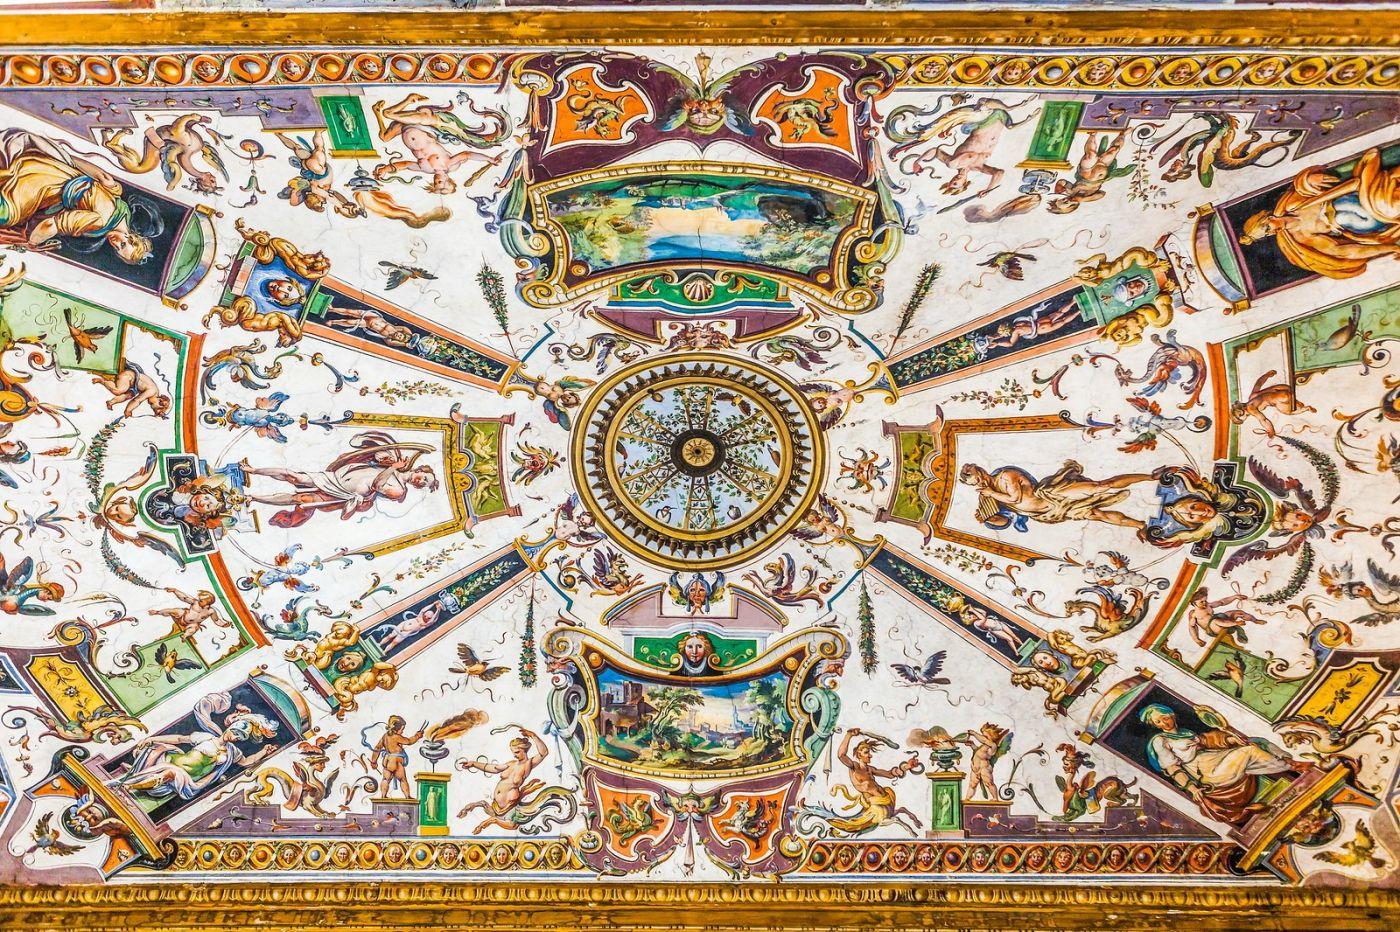 意大利佛罗伦斯乌菲兹美术馆, 藏品大展_图1-39